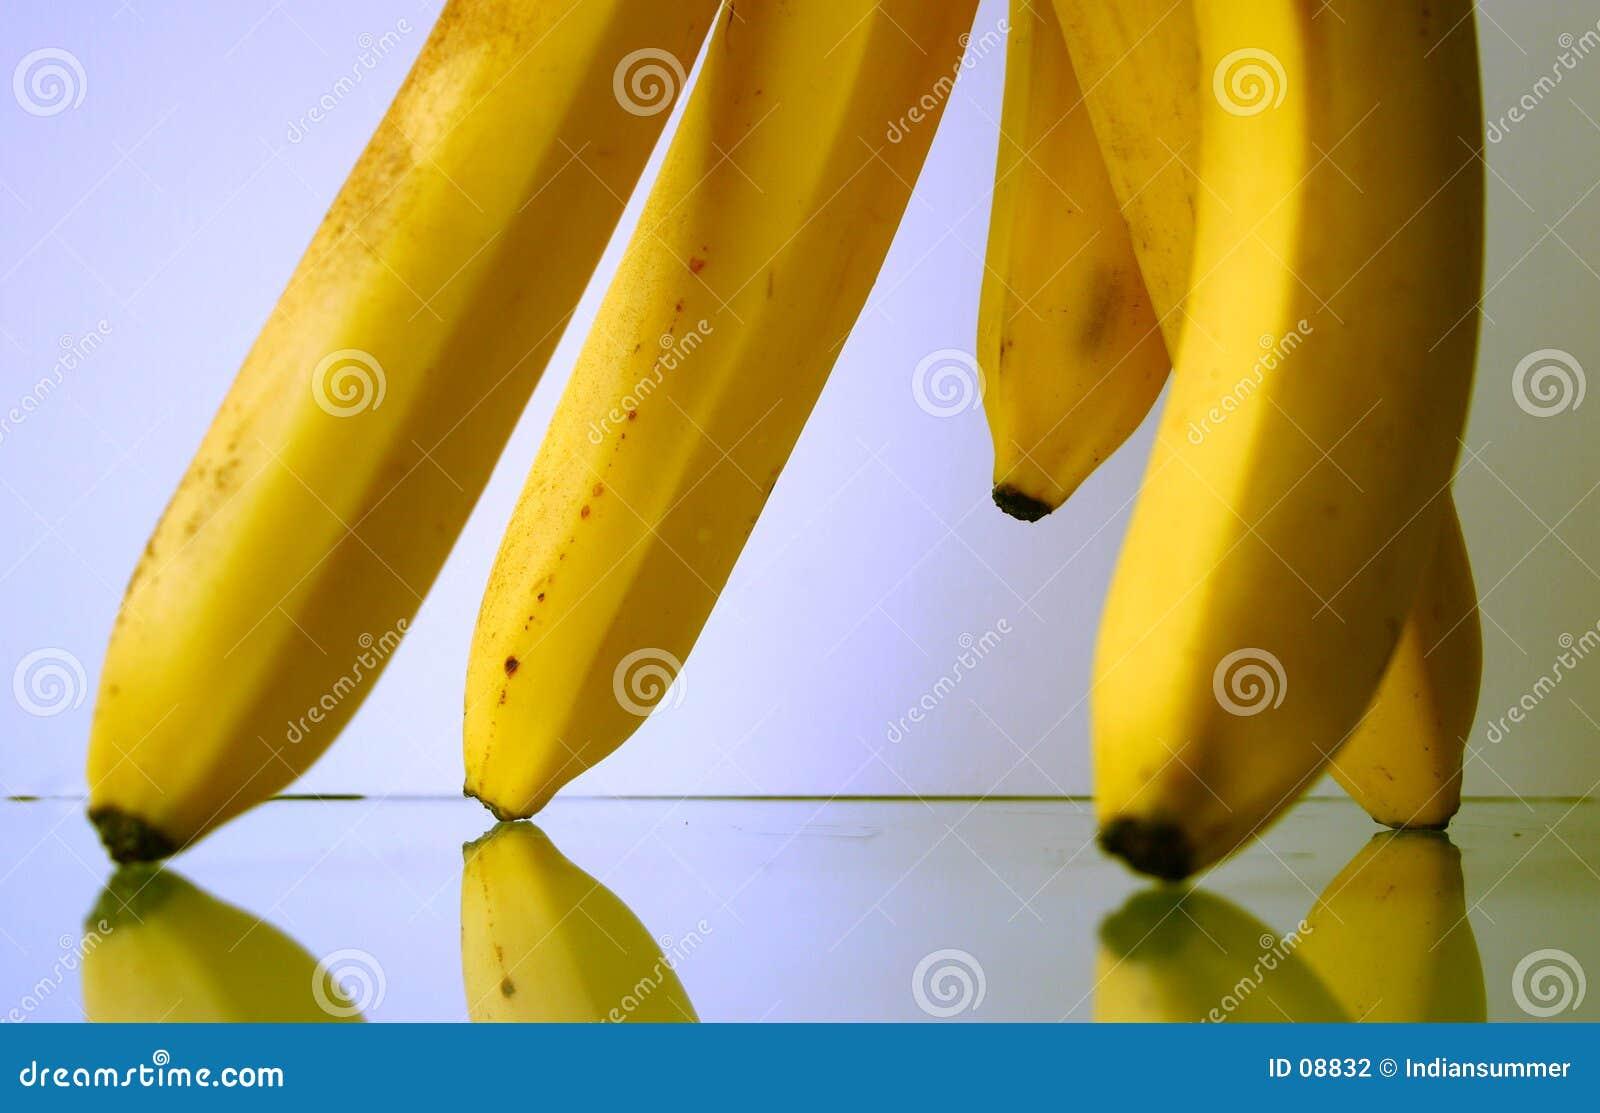 香蕉ii游行